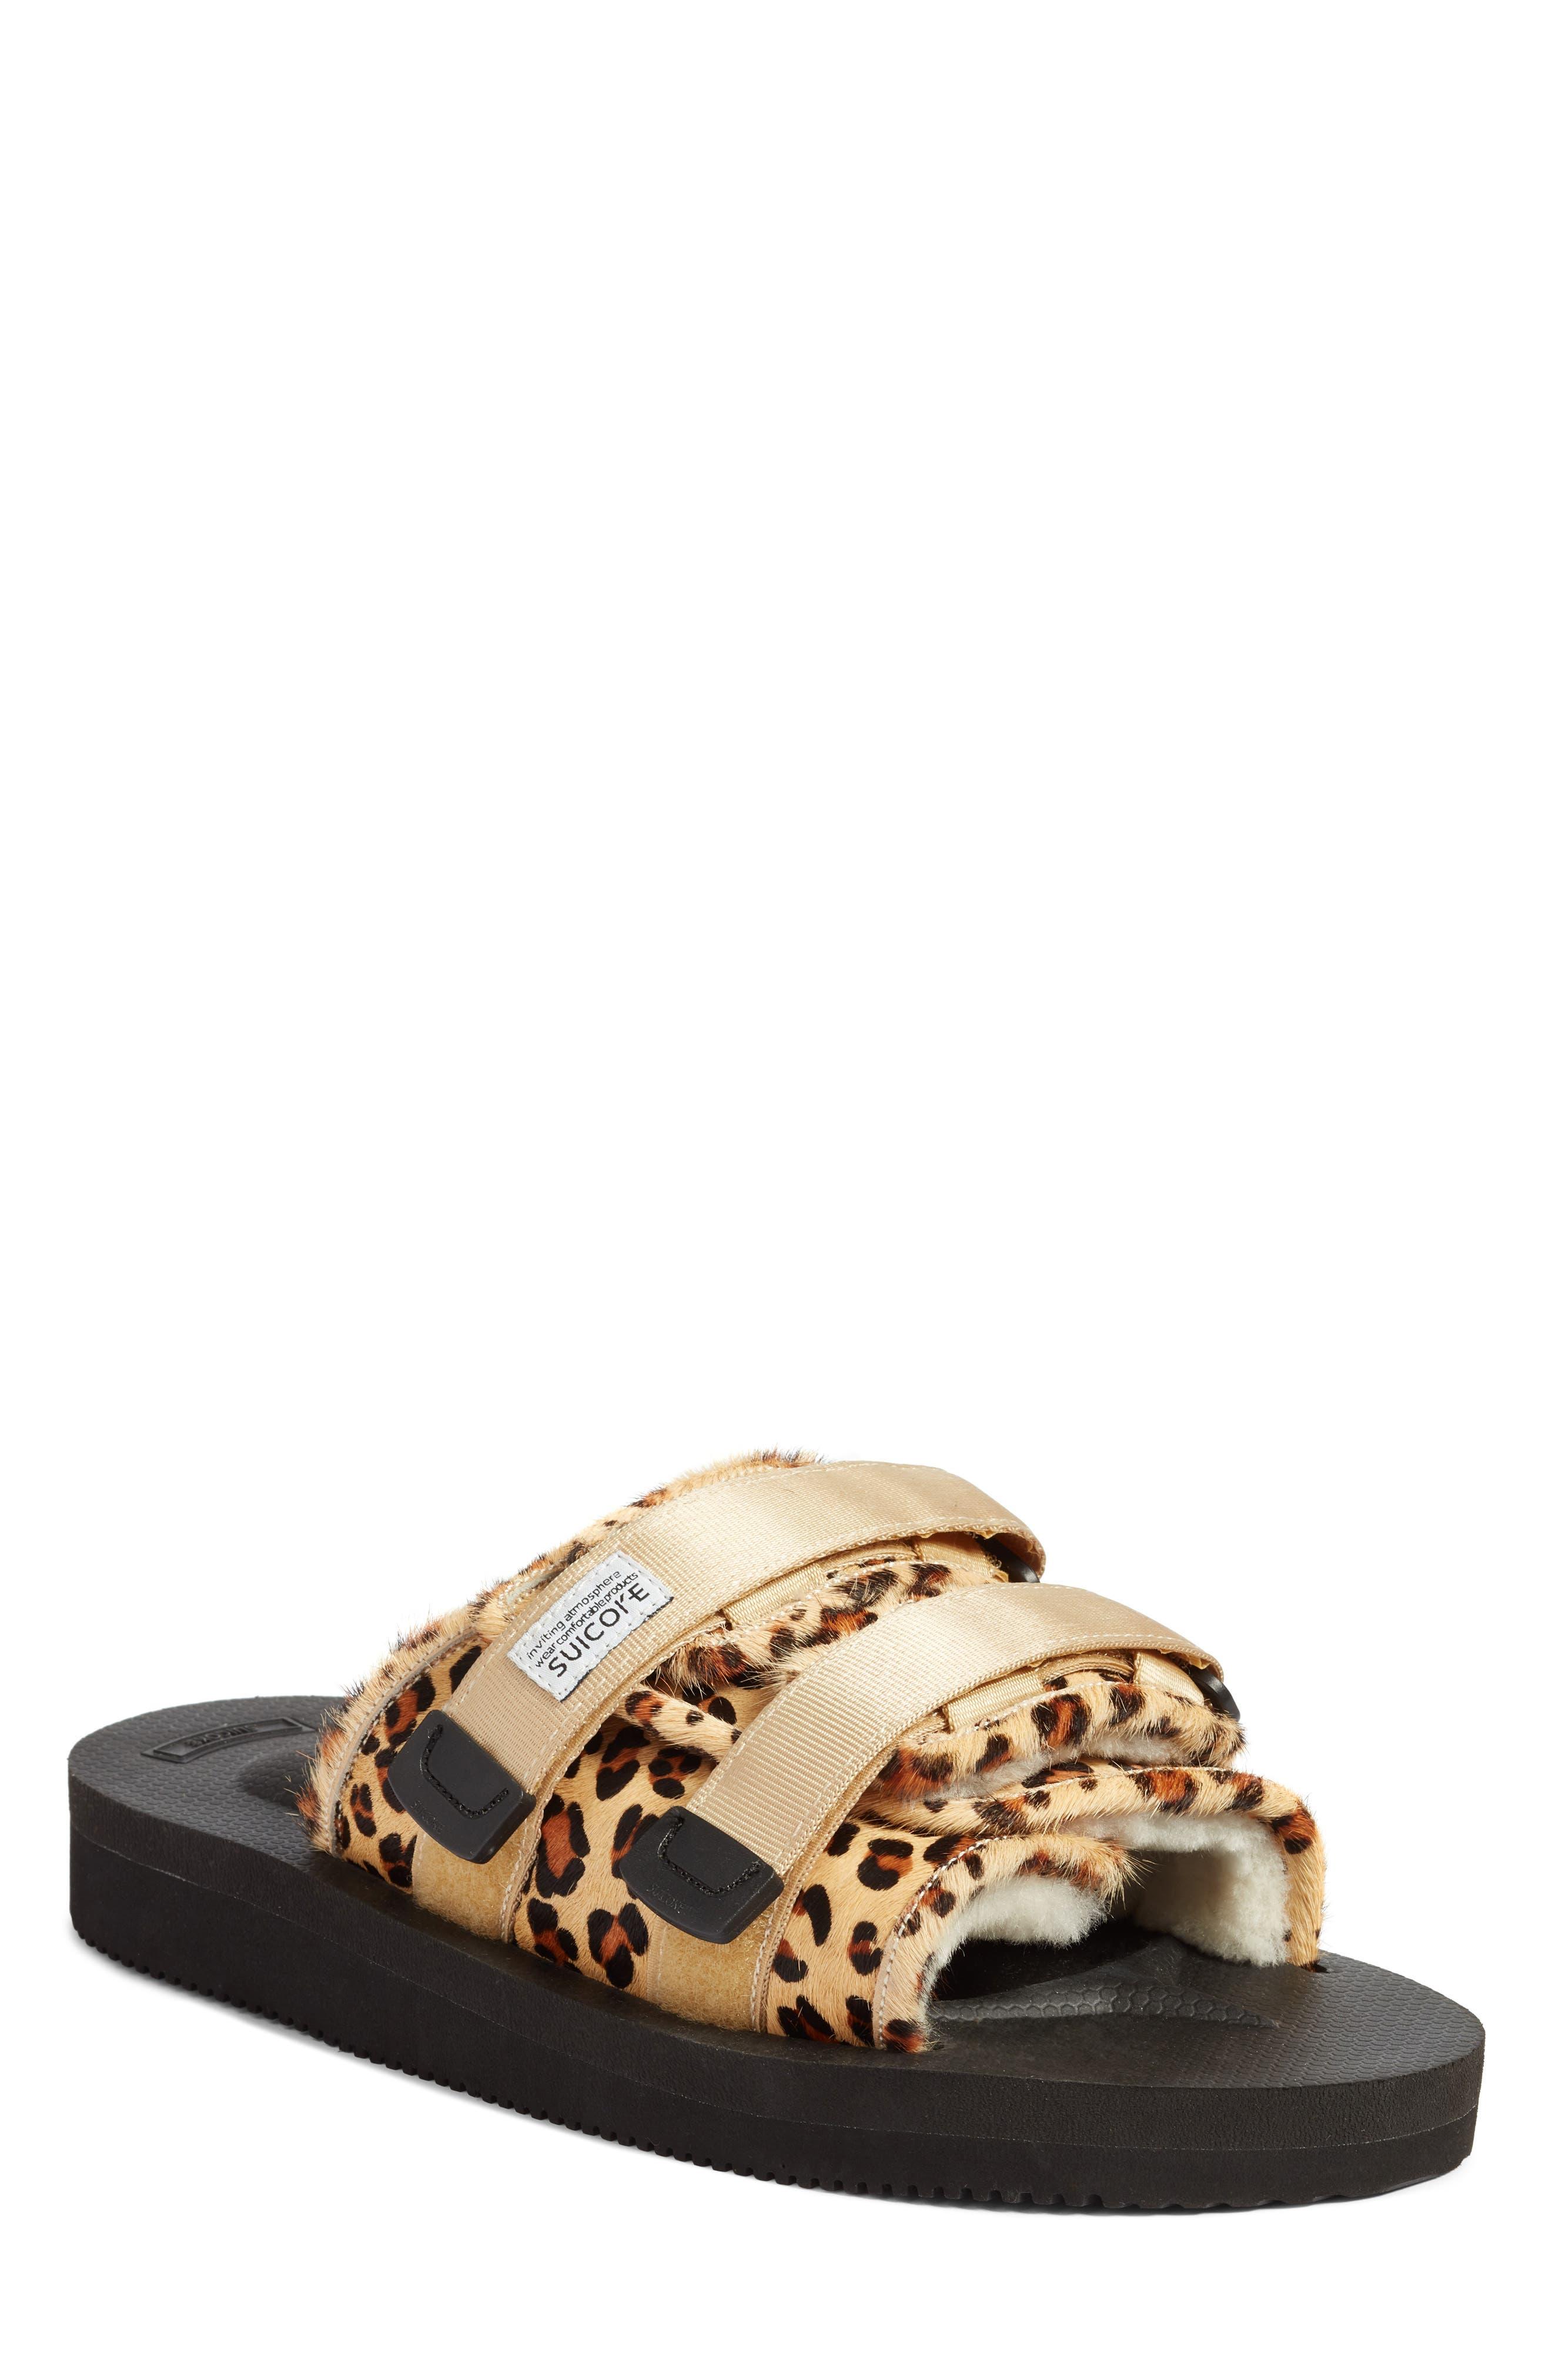 Moto Cab Genuine Calf Hair Slide Sandal,                             Main thumbnail 1, color,                             LEOPARD PRINT CALF HAIR